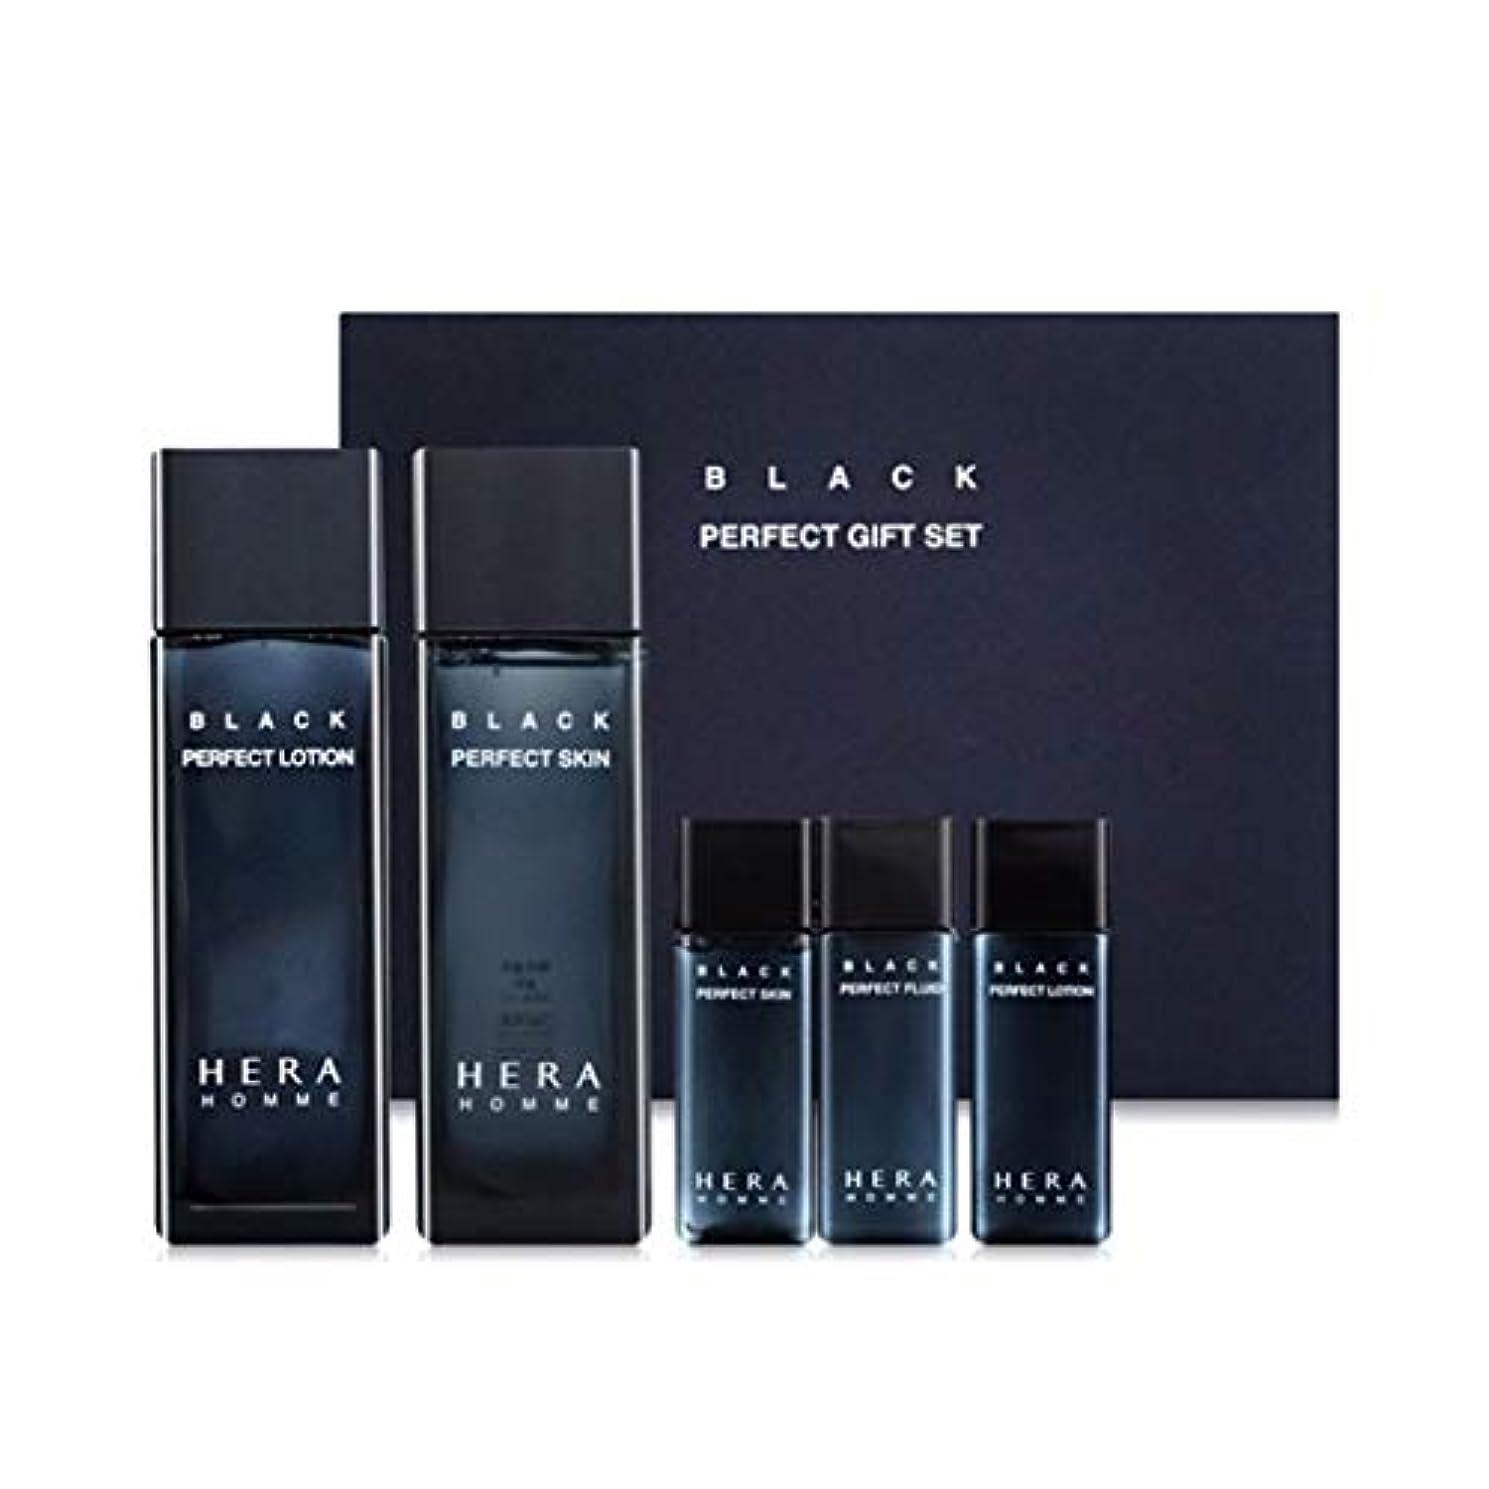 地上の関係する飲料ヘラオムブラックパーフェクトスキンローションセットメンズコスメ韓国コスメ、Hera Homme Black Perfect Skin Lotion Set Men's Cosmetics Korean Cosmetics...